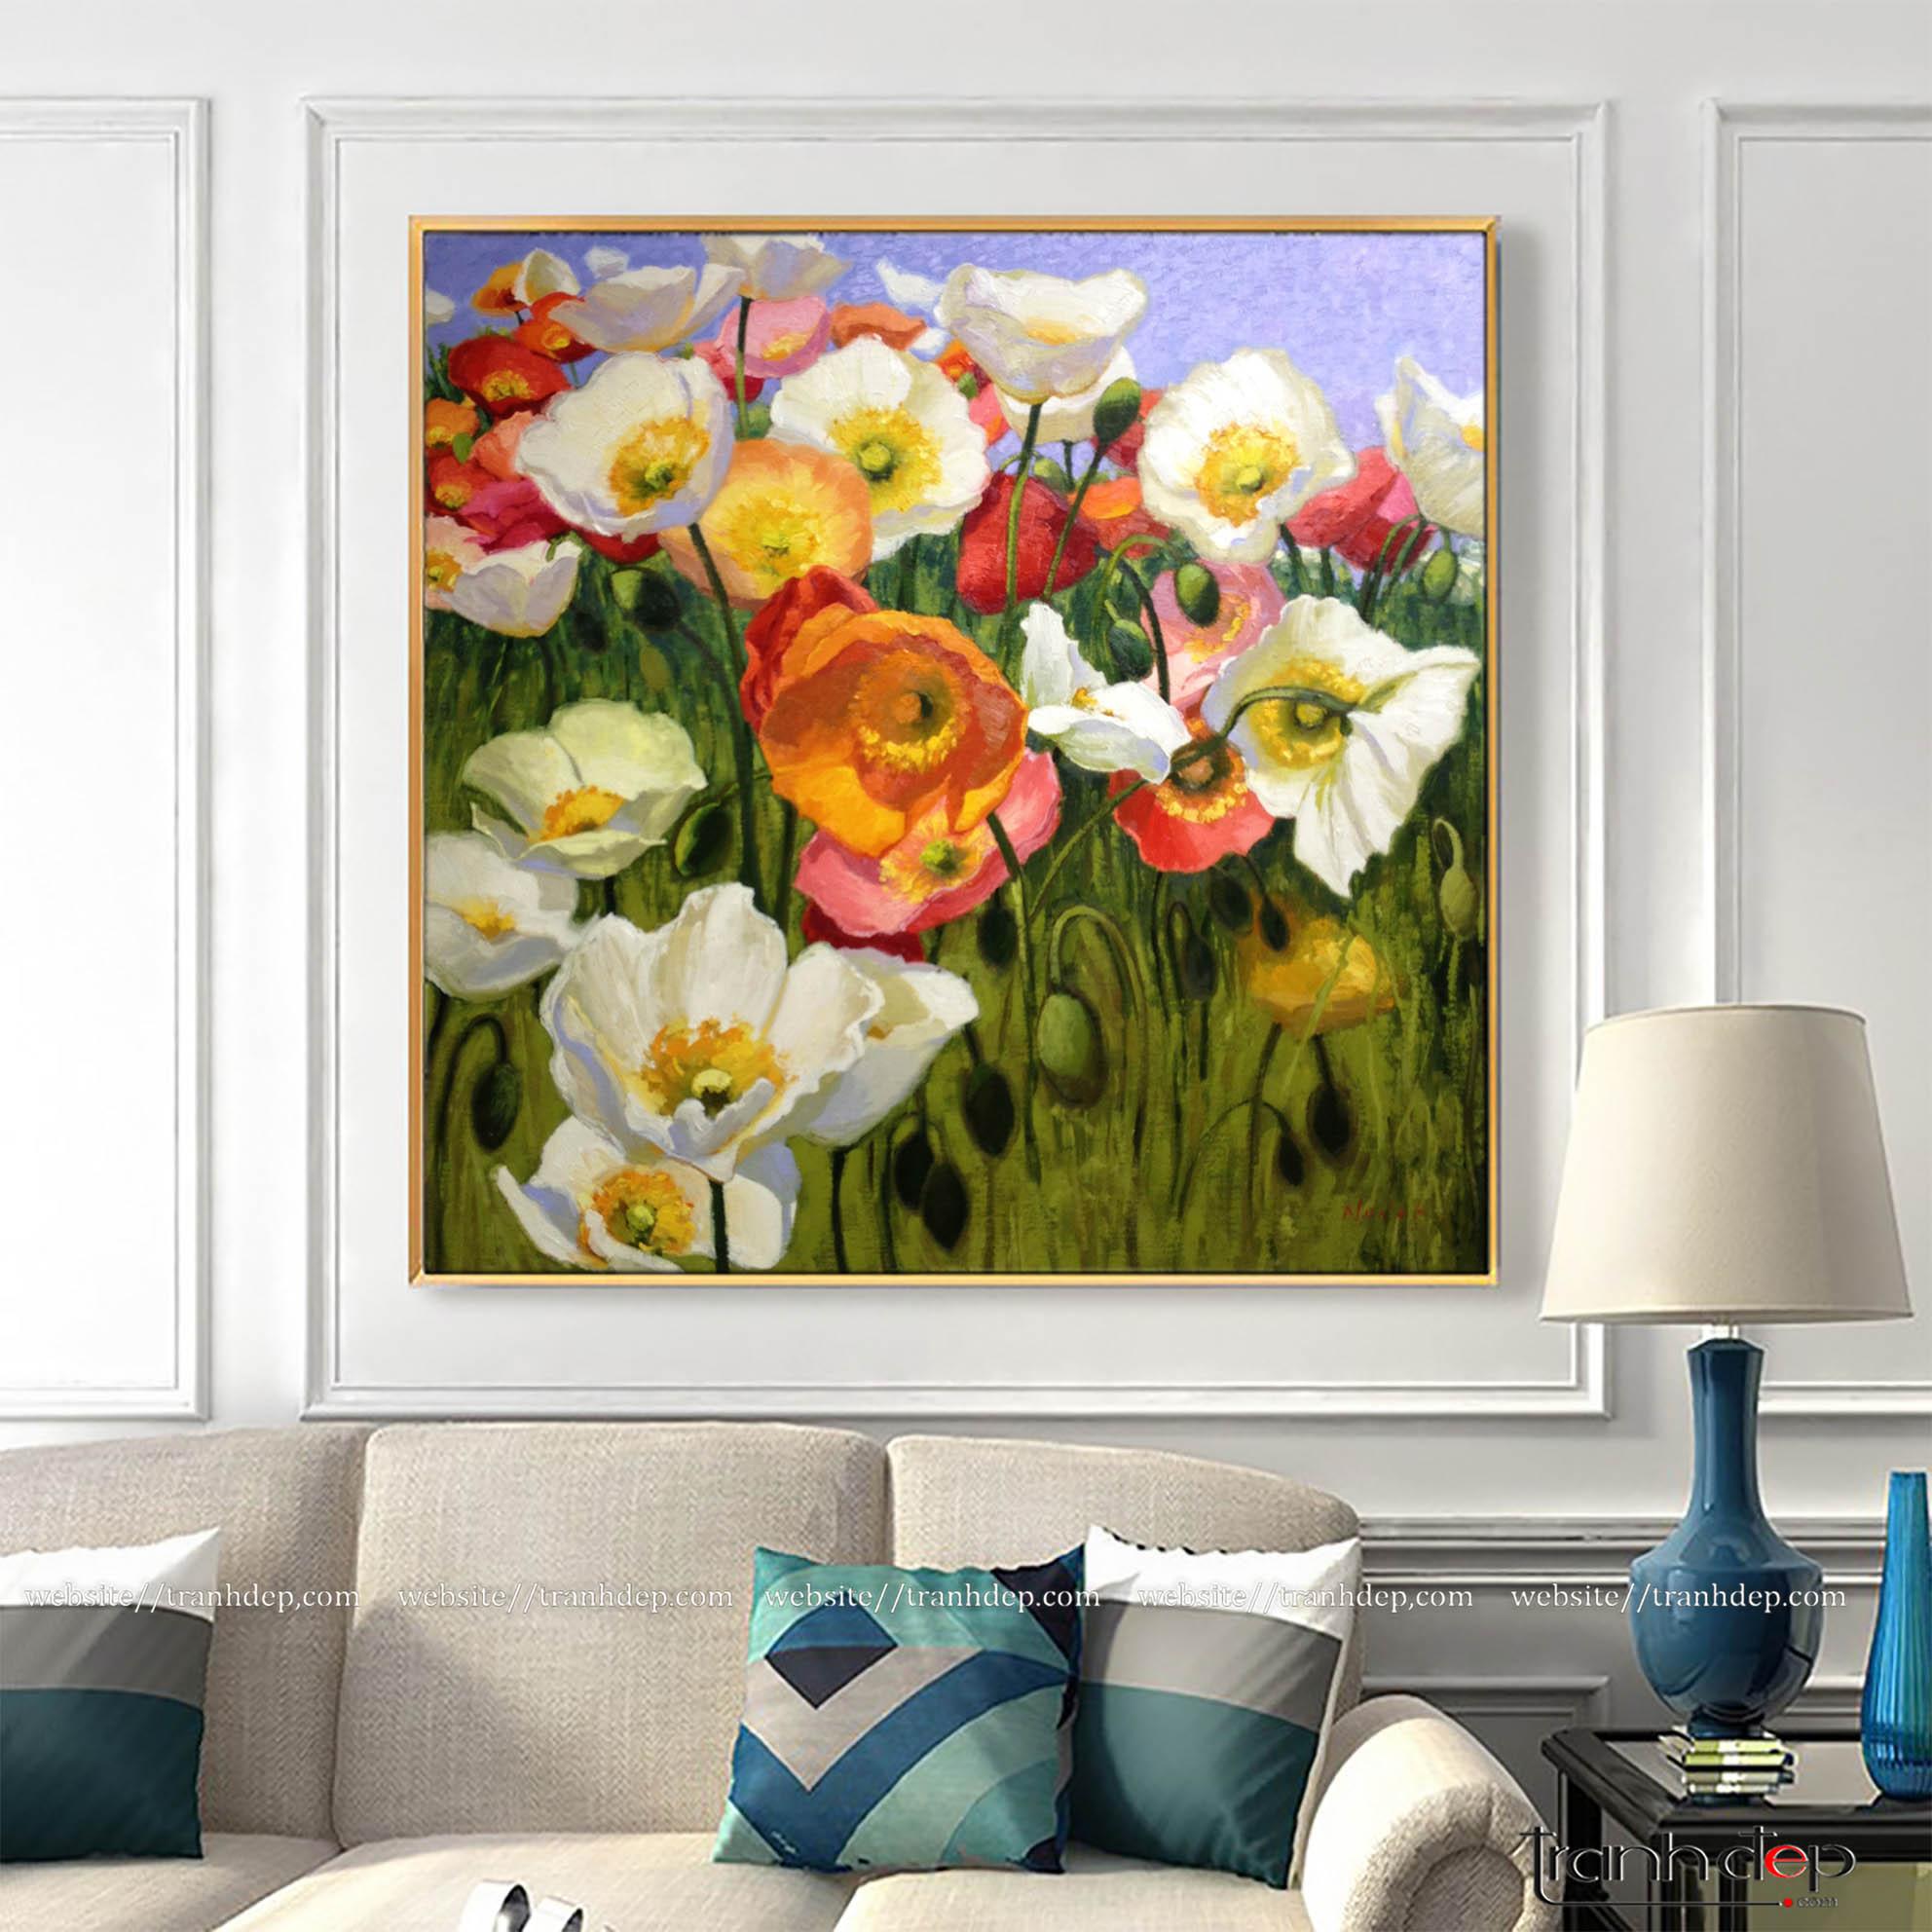 Tranh vườn hoa poppy tuyệt đẹp